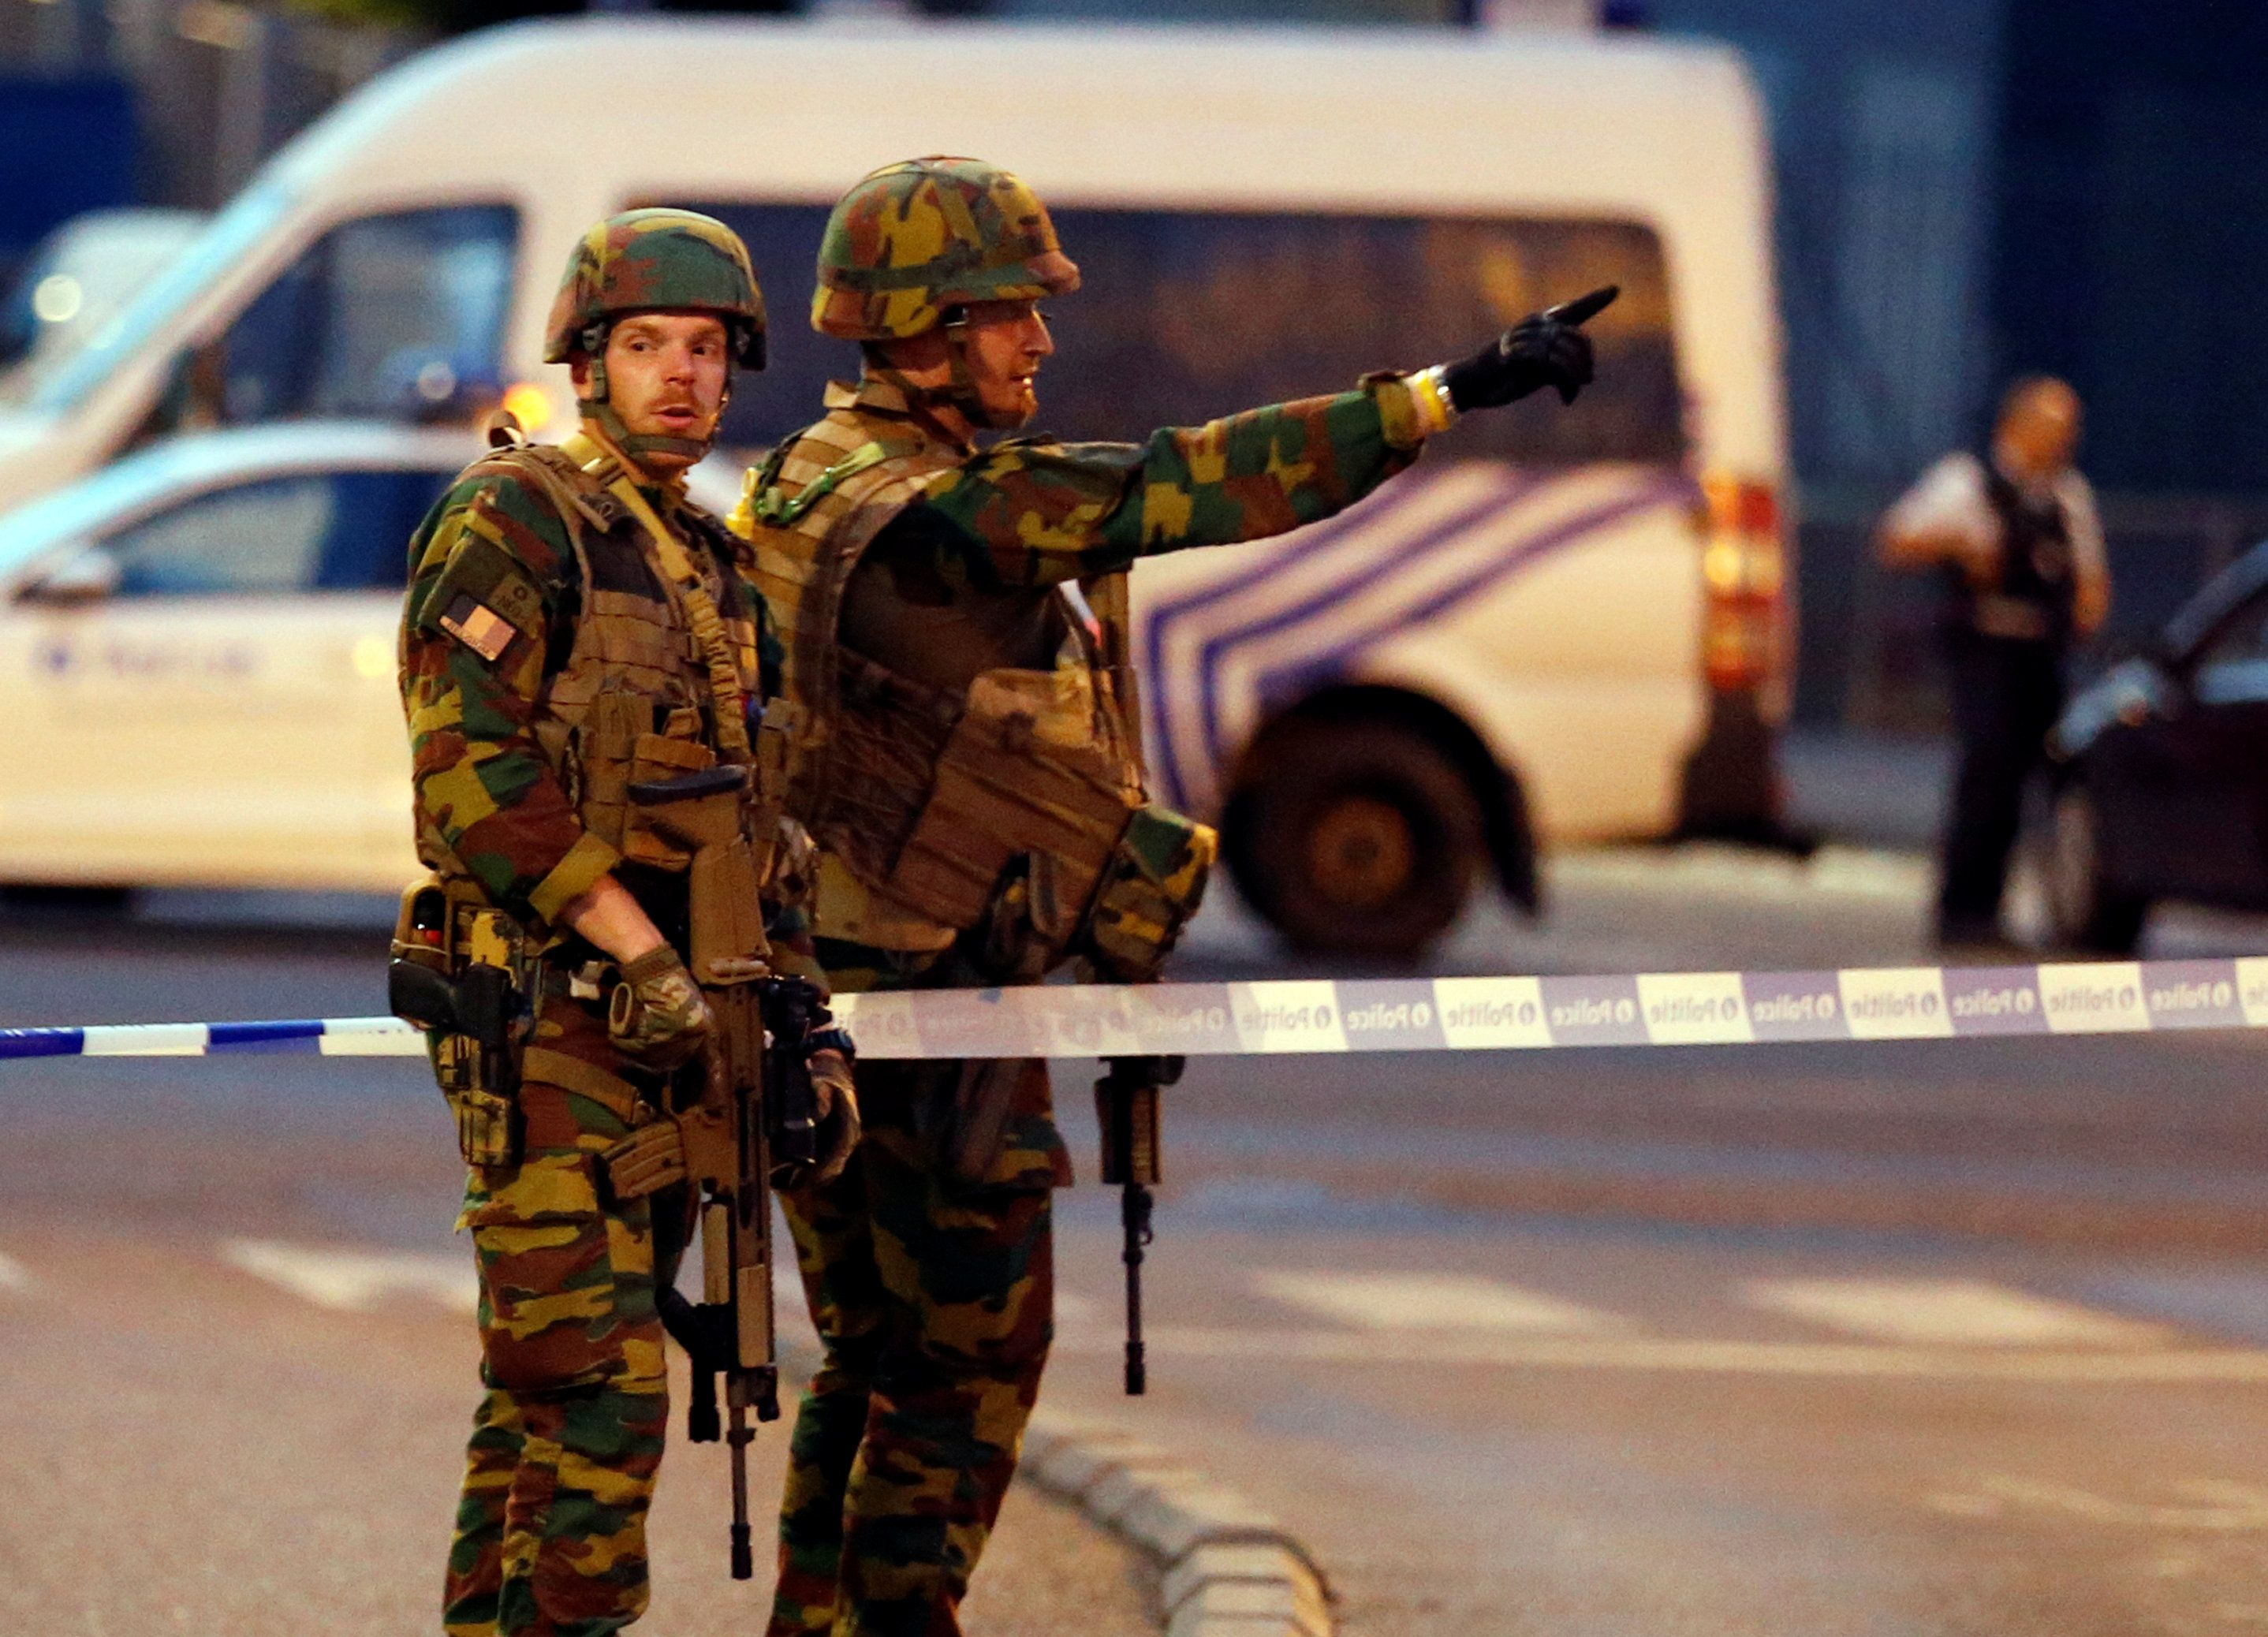 Estação de trem é fechada em Bruxelas após explosão